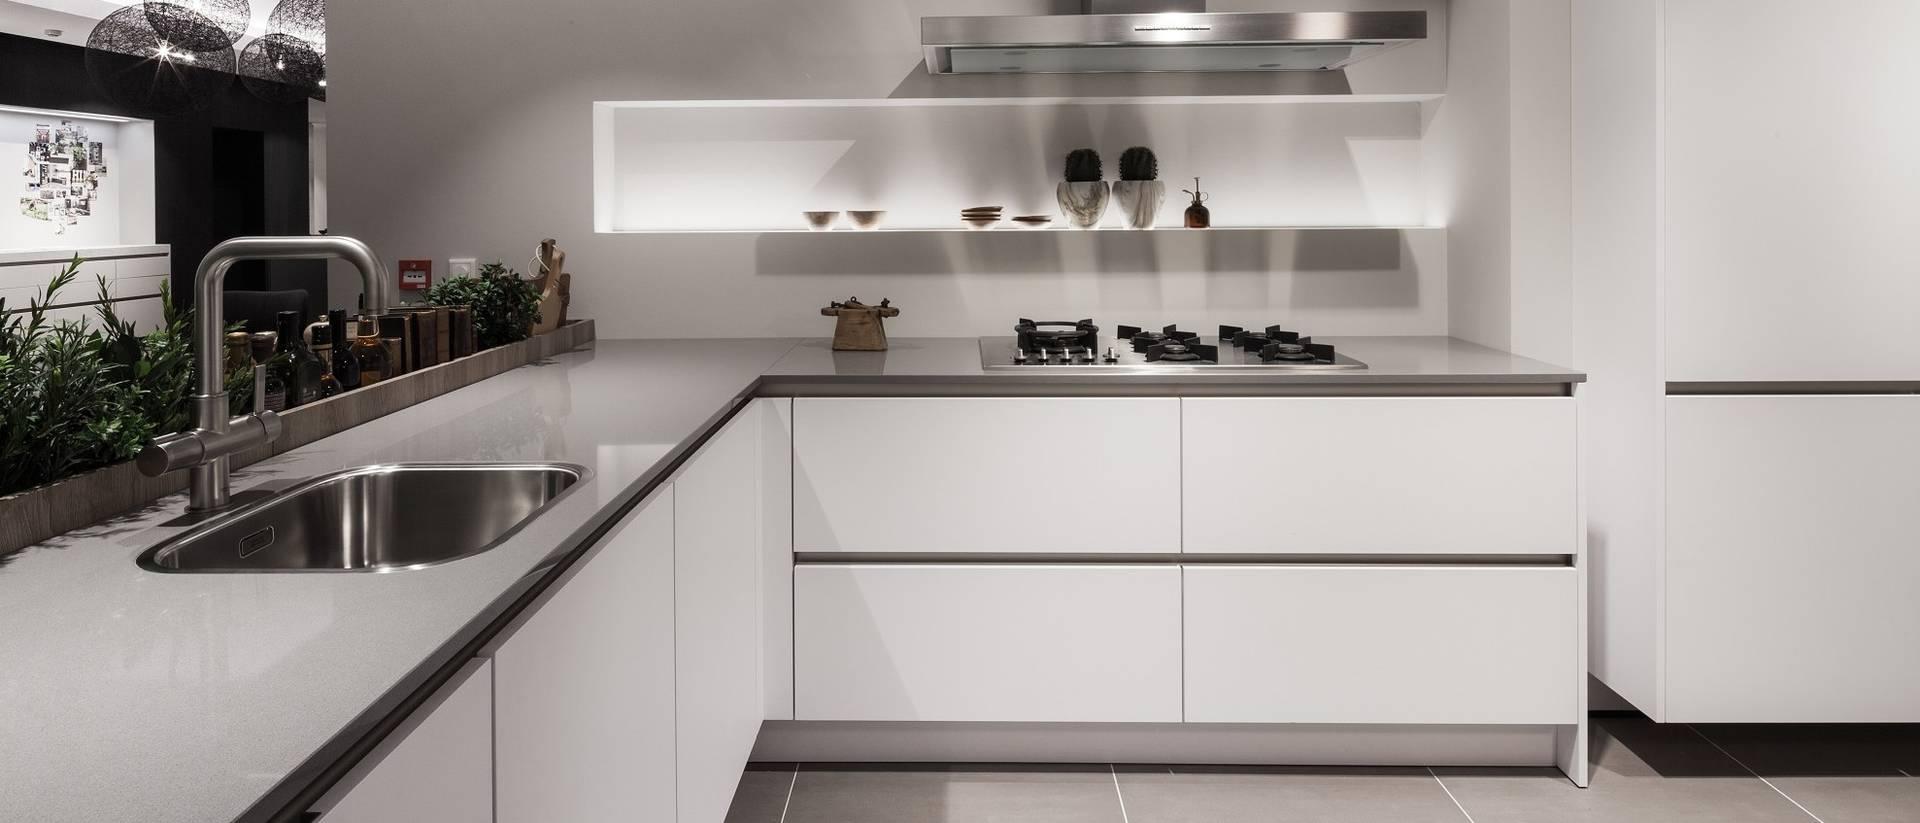 SieMatic keukens showrooms: vormt u zich een beeld van wat als tijdloos elegant design voor de keuken geldt.